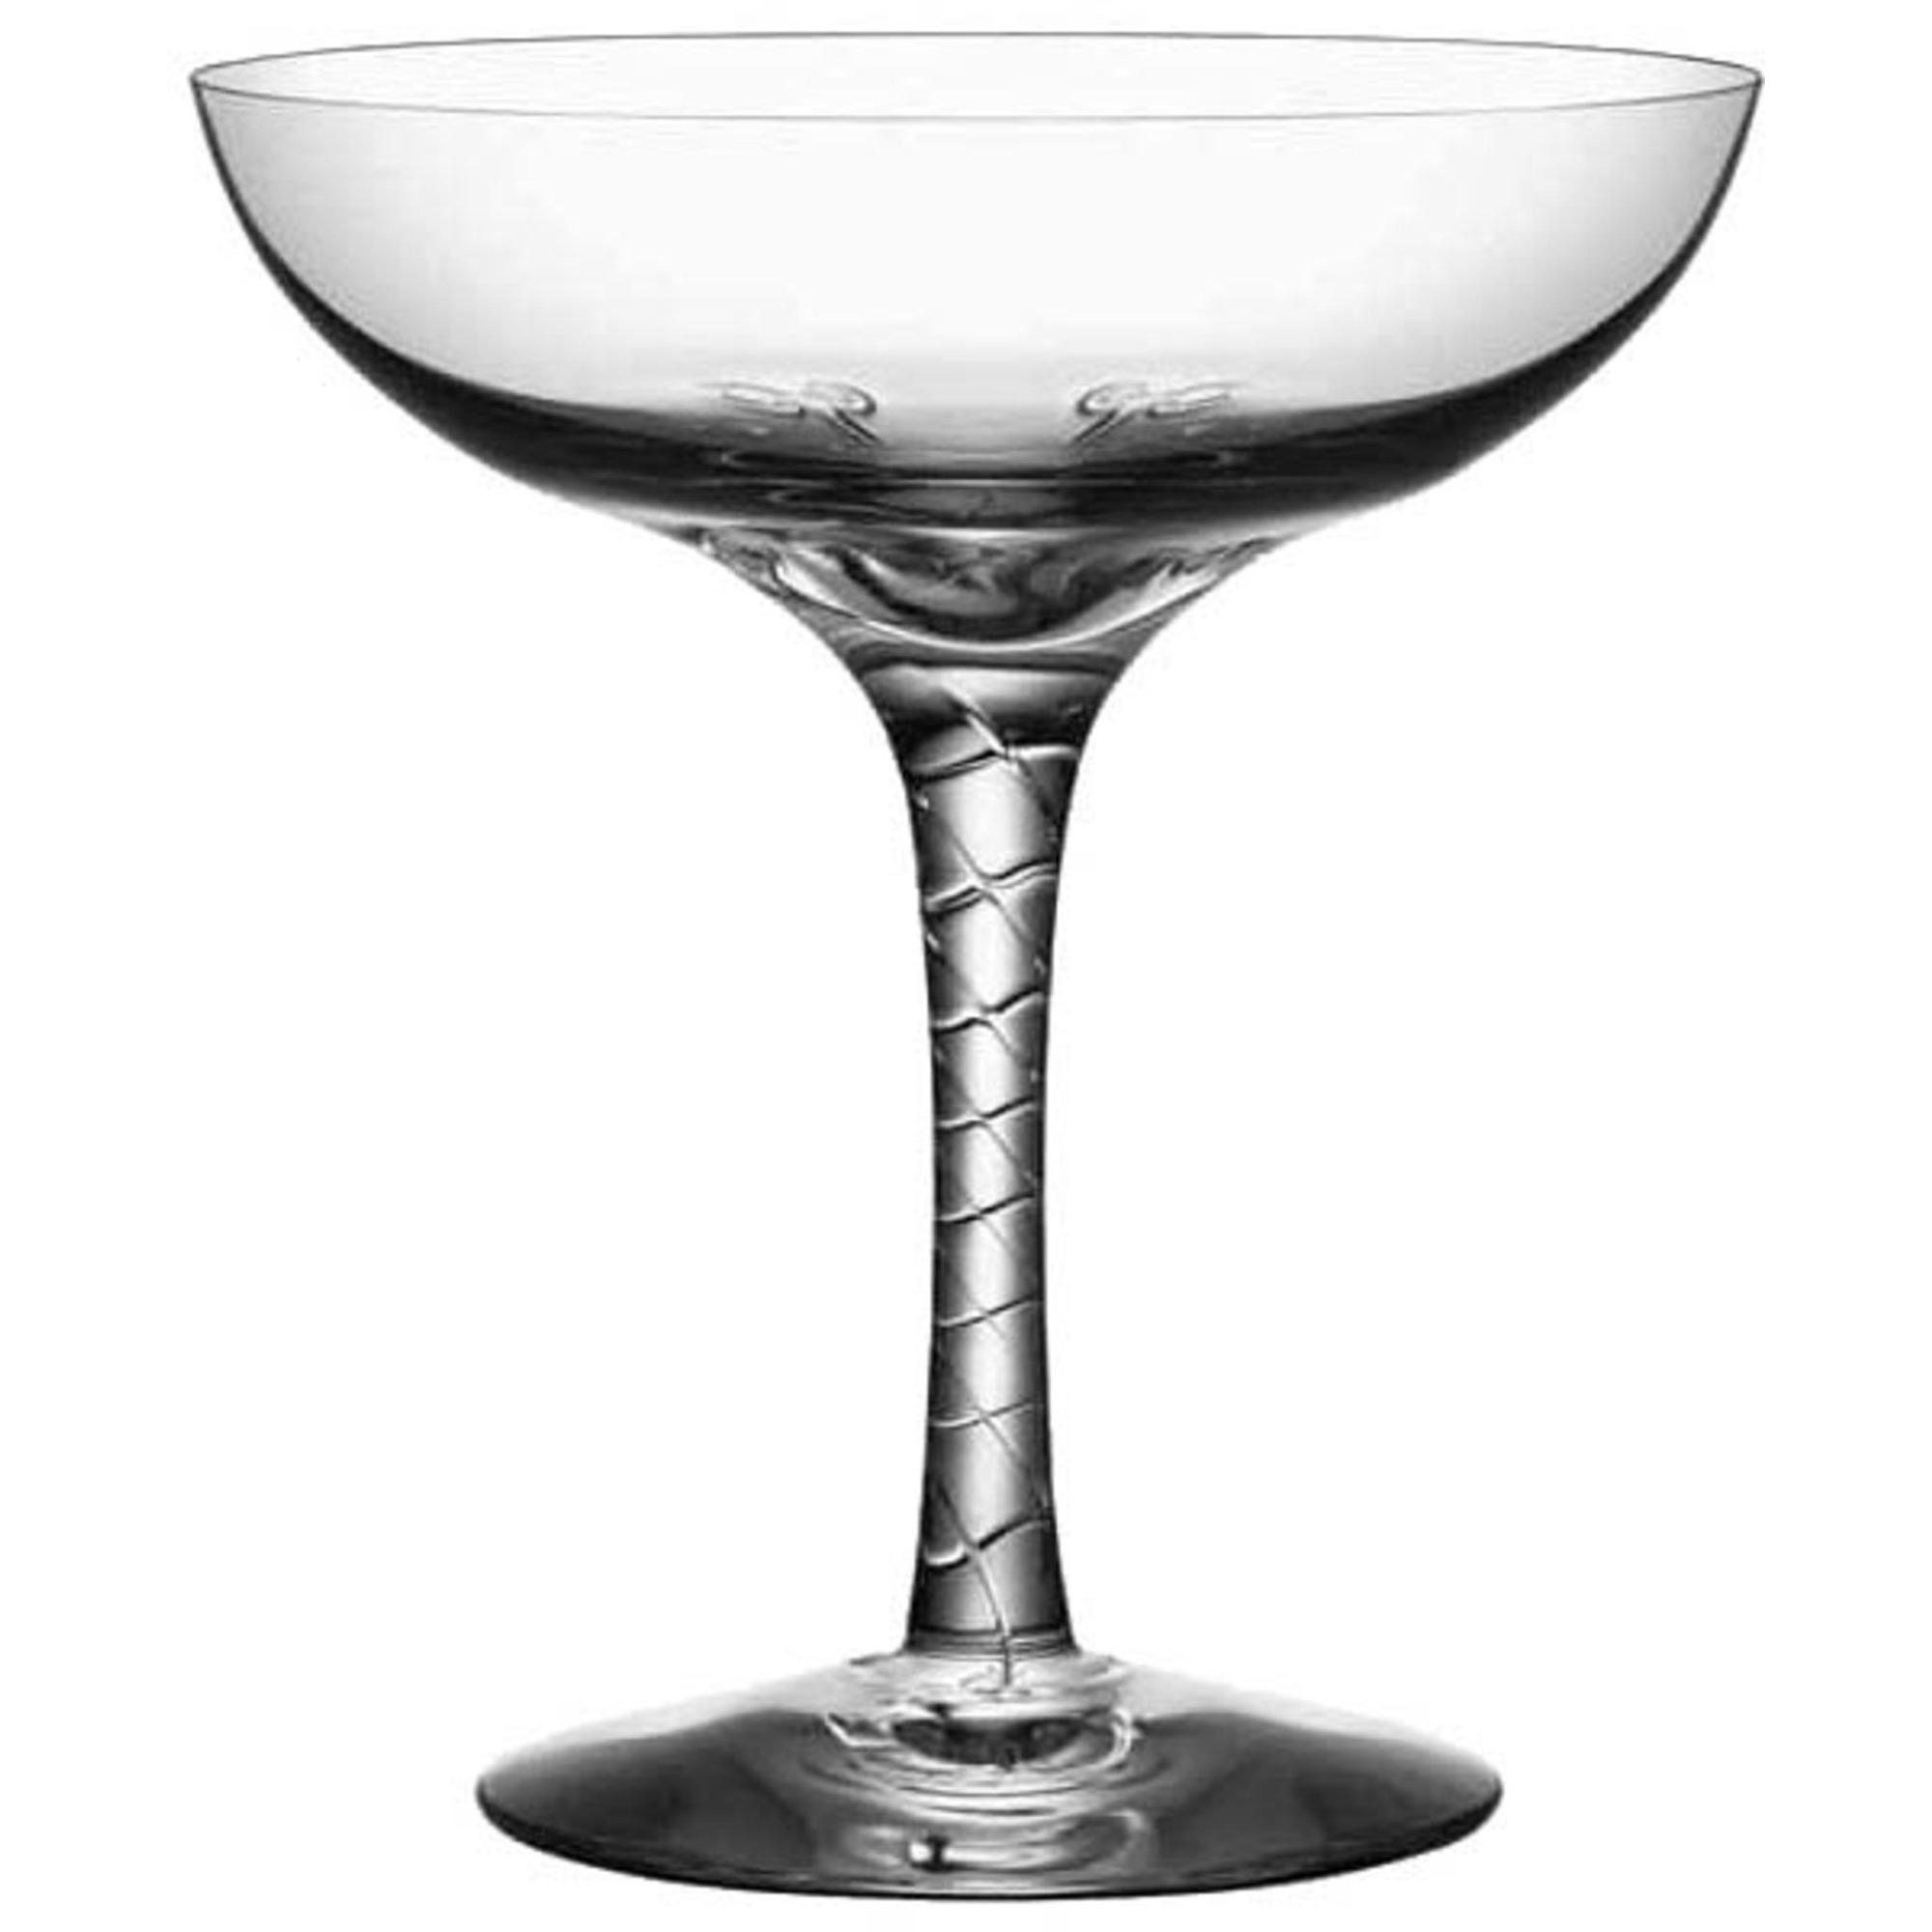 Kosta Boda Crystal Magic Champagneskål 20 cl